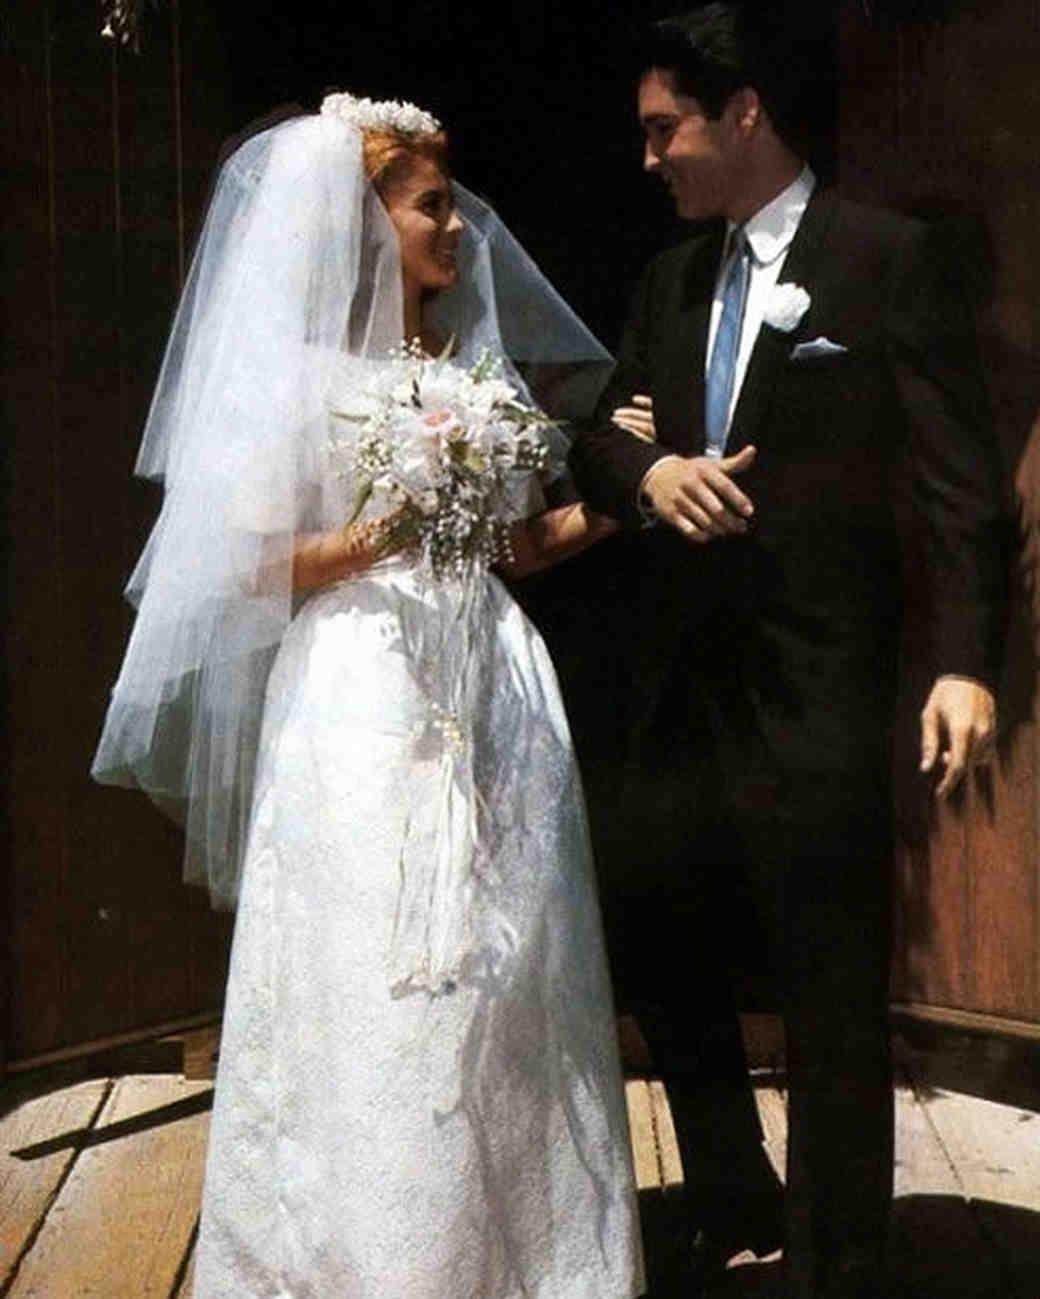 movie-wedding-dresses-viva-las-vegas-ann-margret-0516.jpg